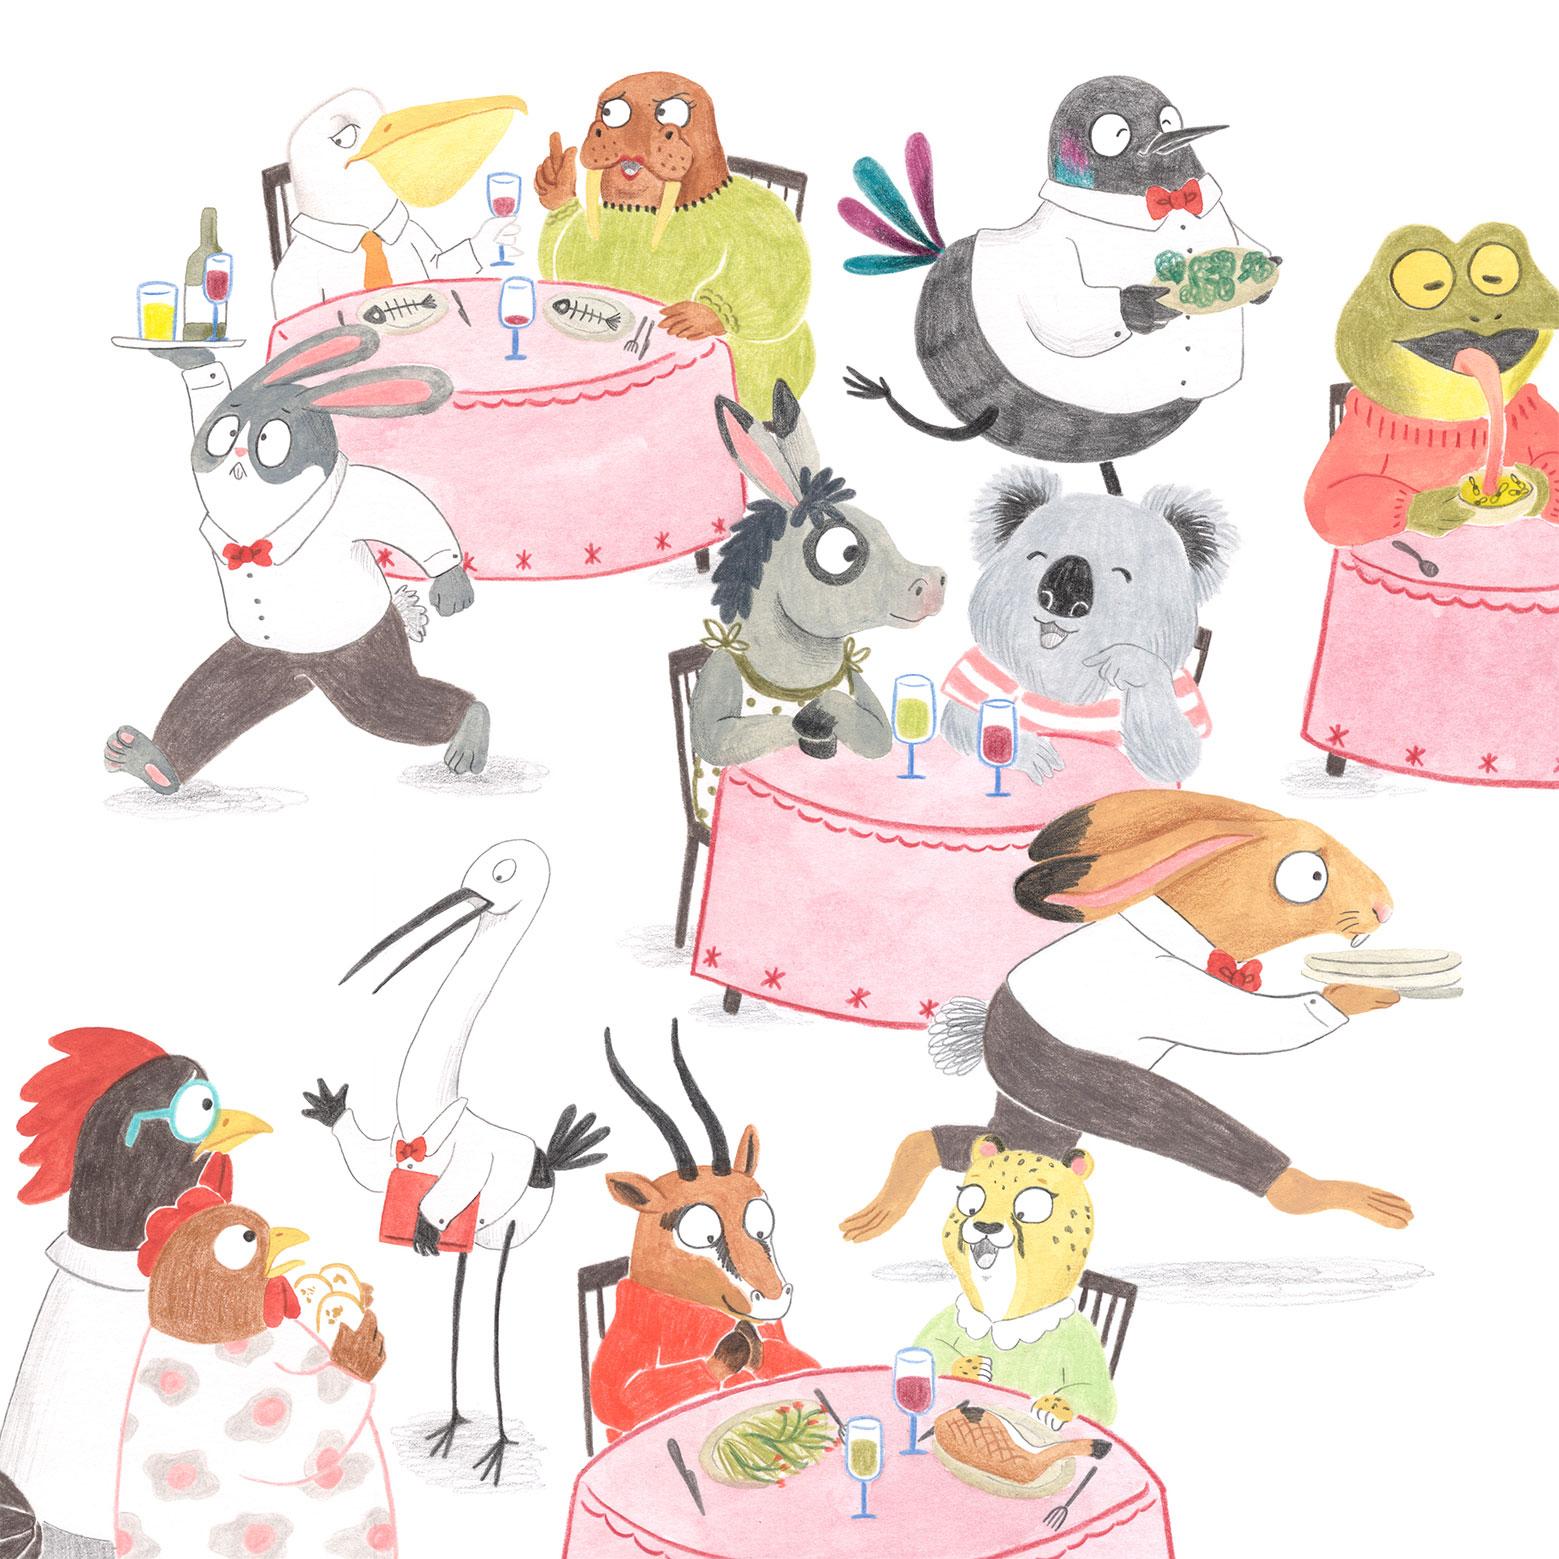 ilustracion infantil, album ilustrado, ilustracion para niños, ilustracion de animales, dibujo para niños, ilustracion de restaurante, Mar Villar, salon de restaurante,